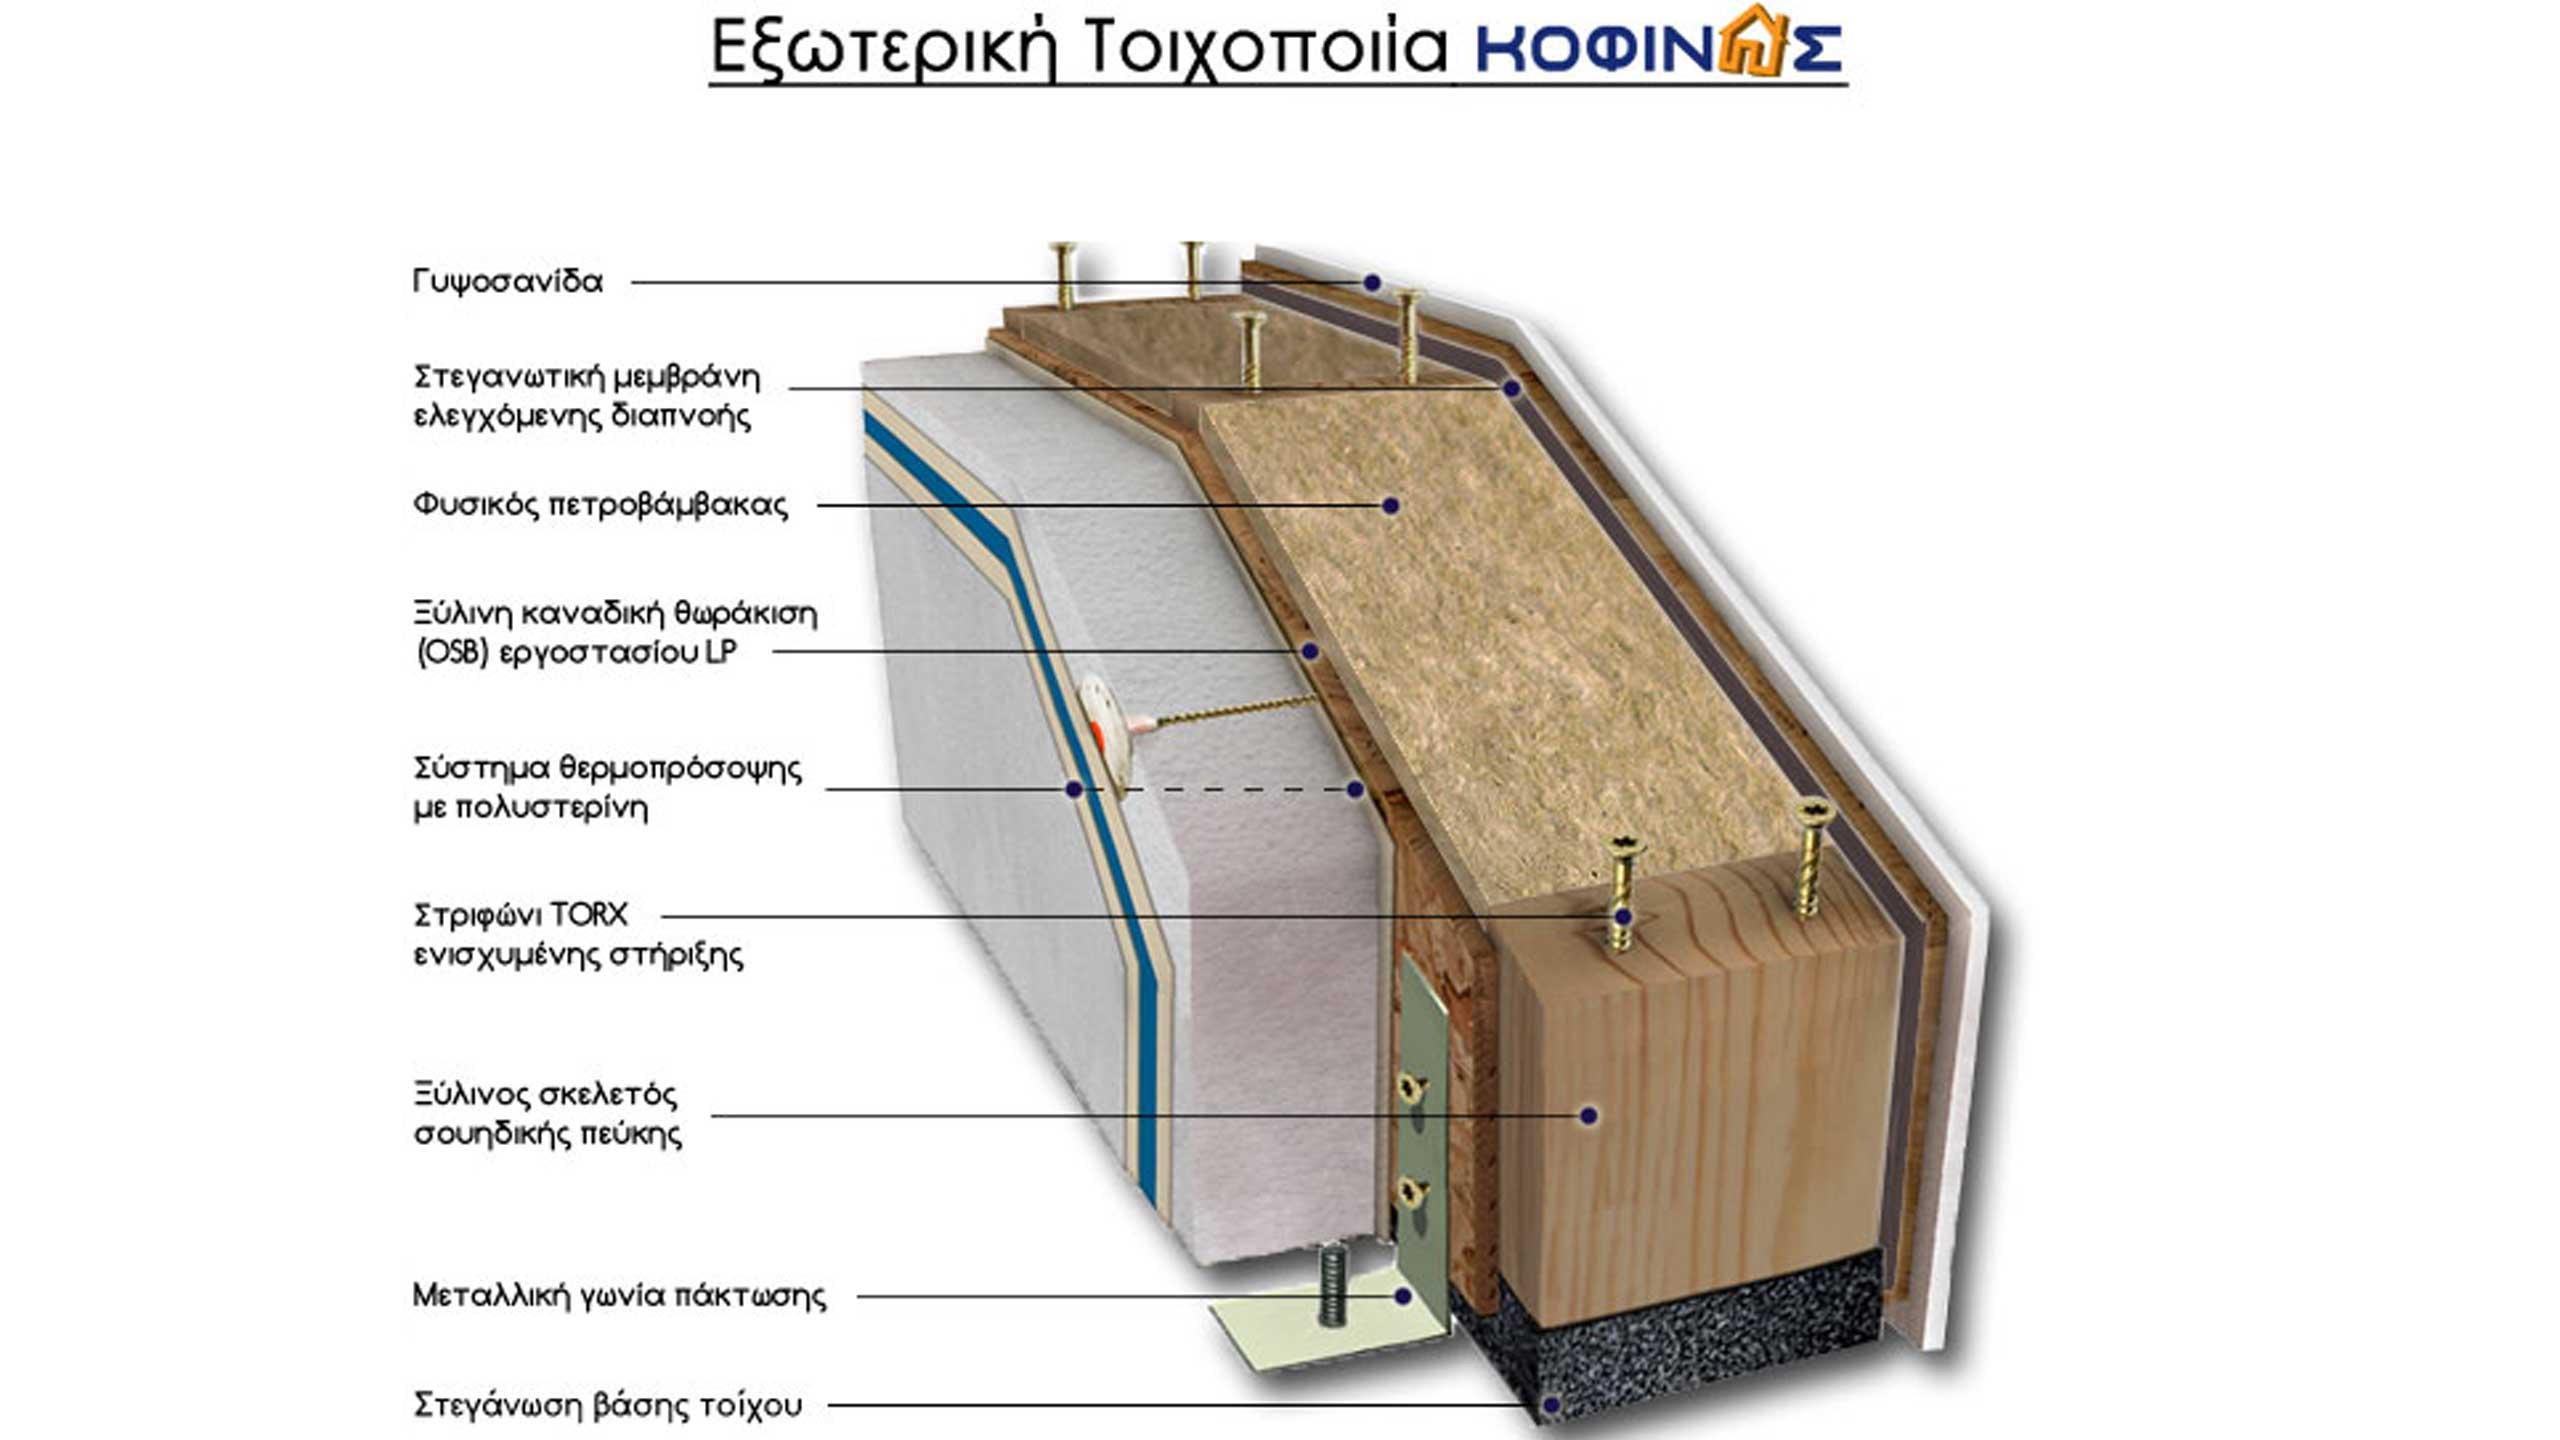 Εξωτερική Τοιχοποιία